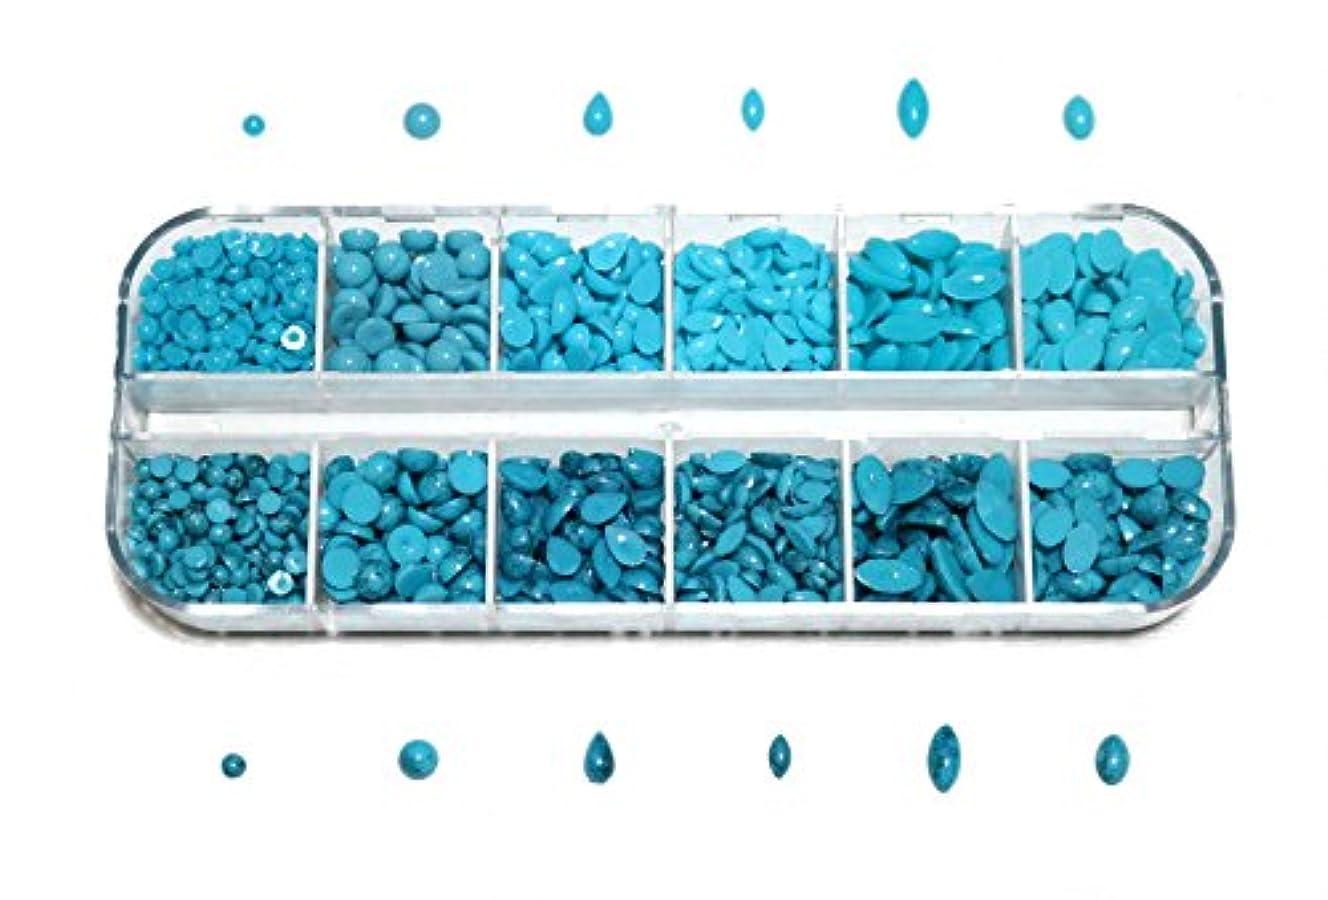 設計図団結するドメイン【jewel】sk3 アソート ターコイズ マーブル柄&プレーンSET 大容量 約1500粒 ネイルアート & レジン ラインストーン